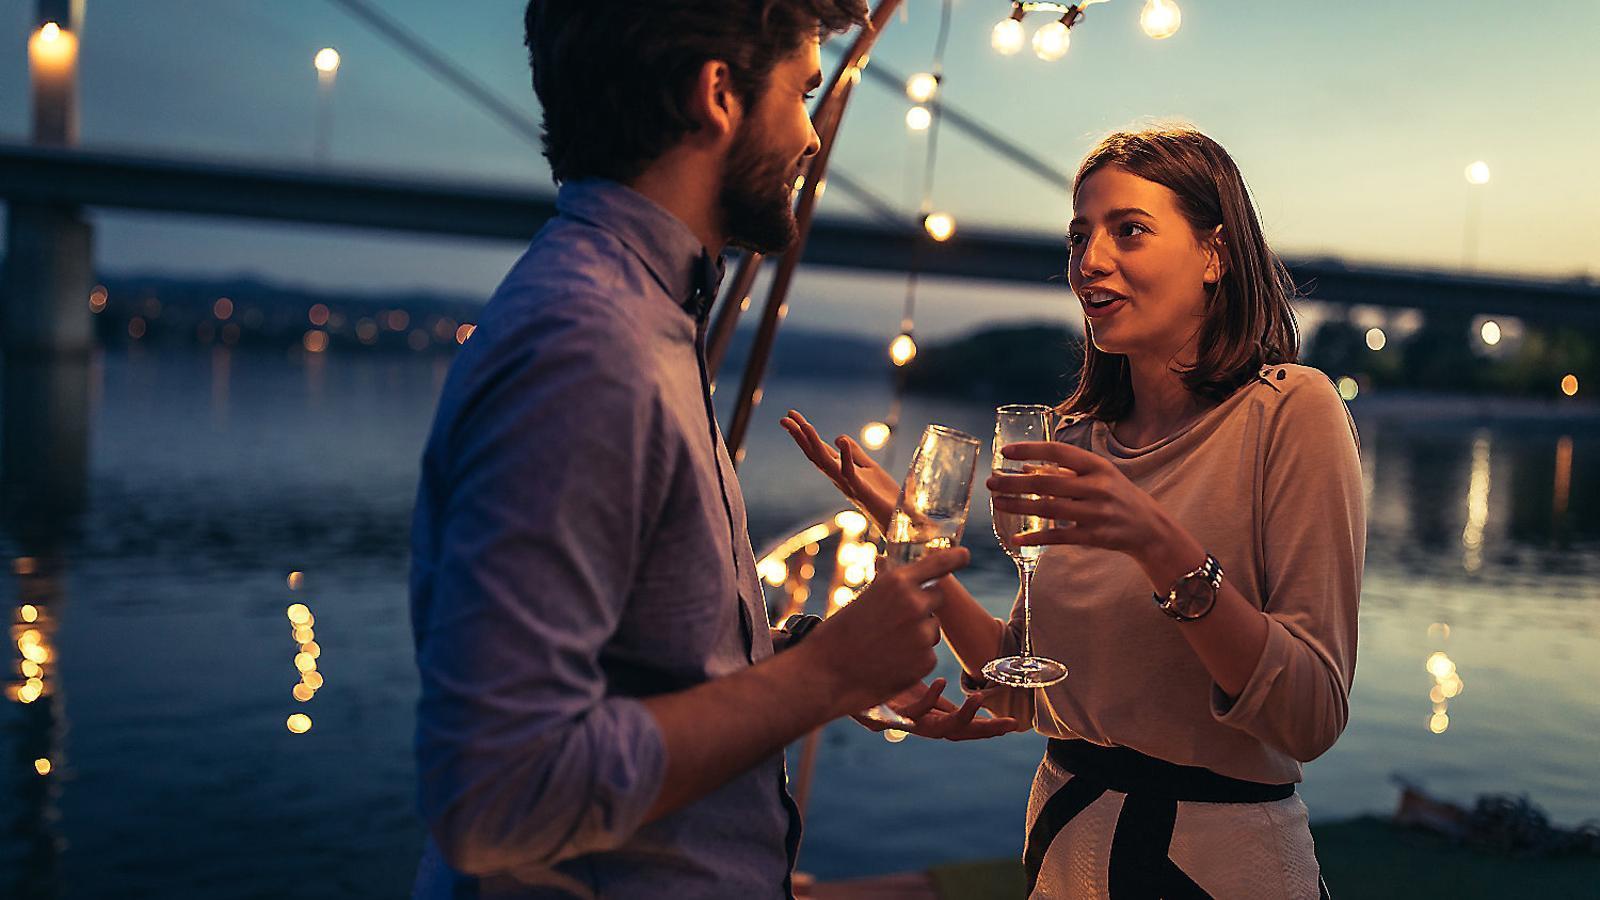 Un home que escolta i que et deixa dir és un home clarament casat, i no precisament amb tu.